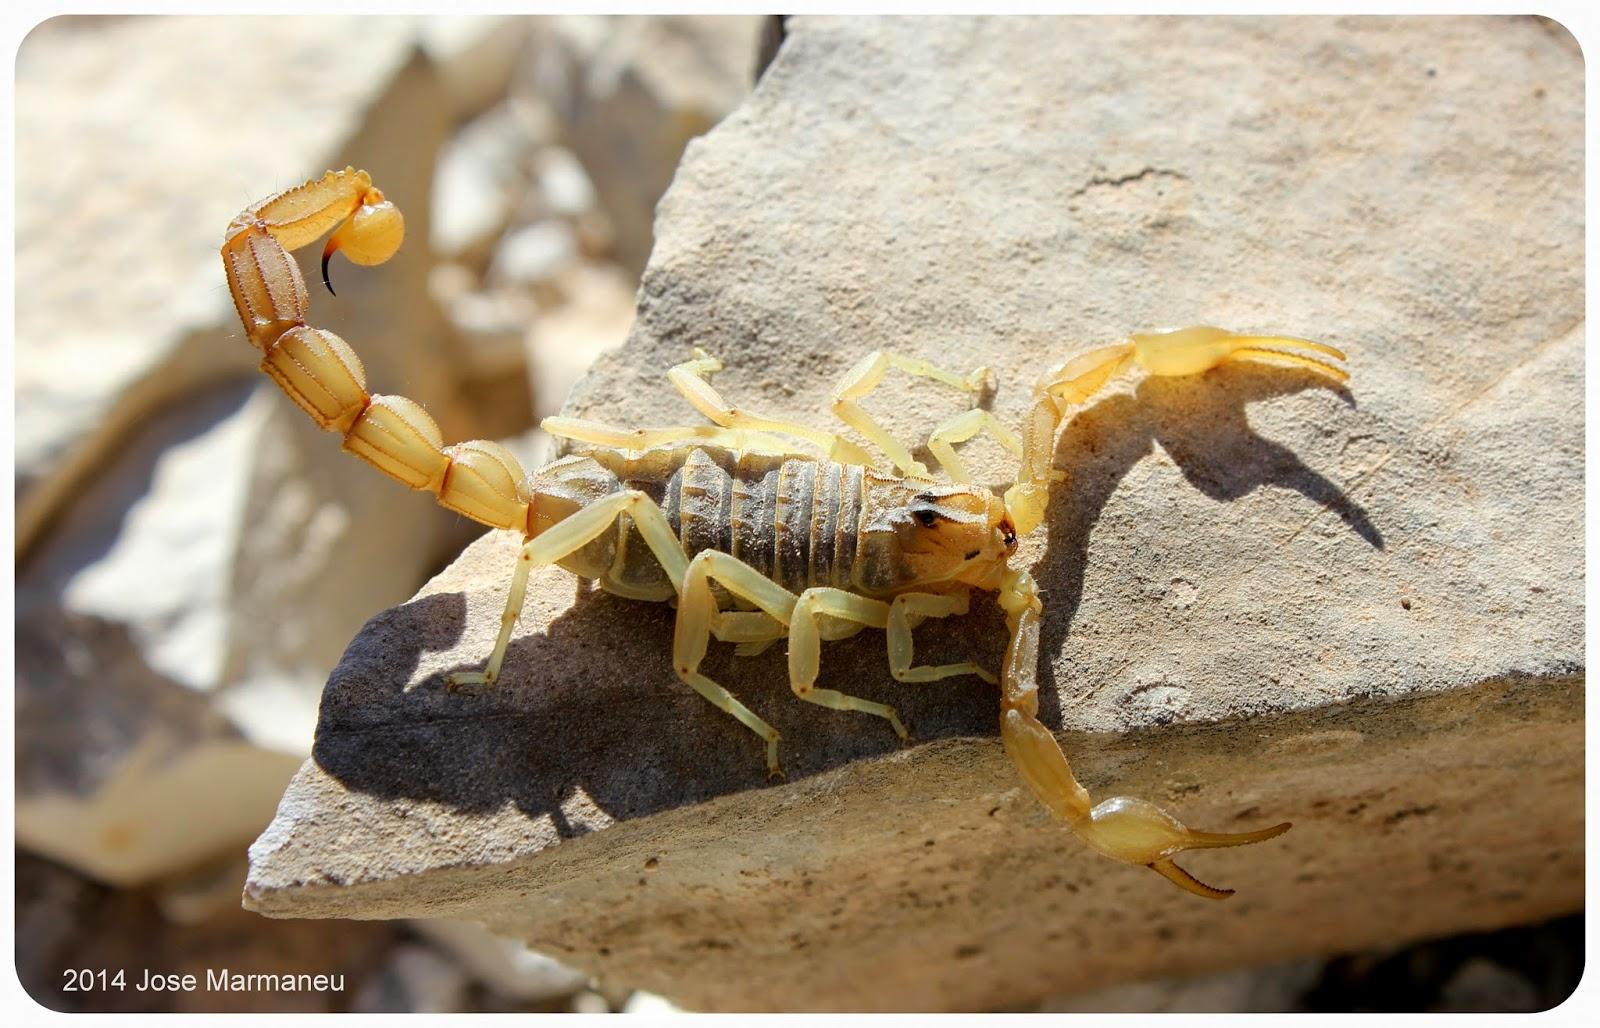 Anatomía externa de un escorpión | Grubial